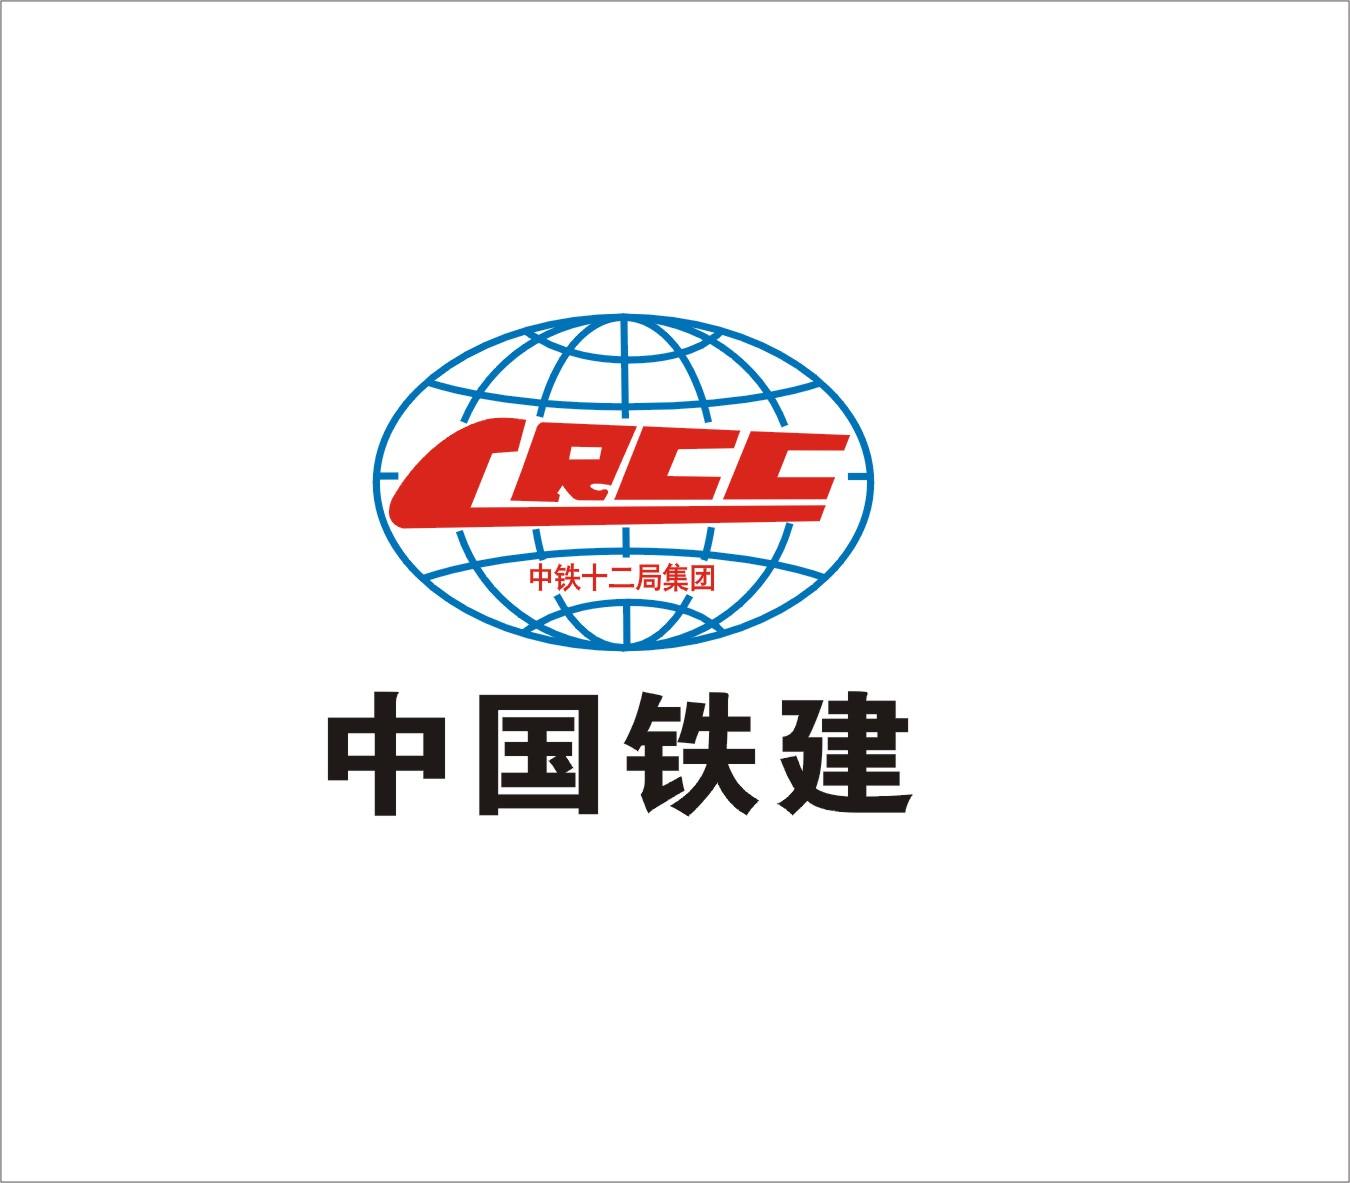 中国铁建.jpg